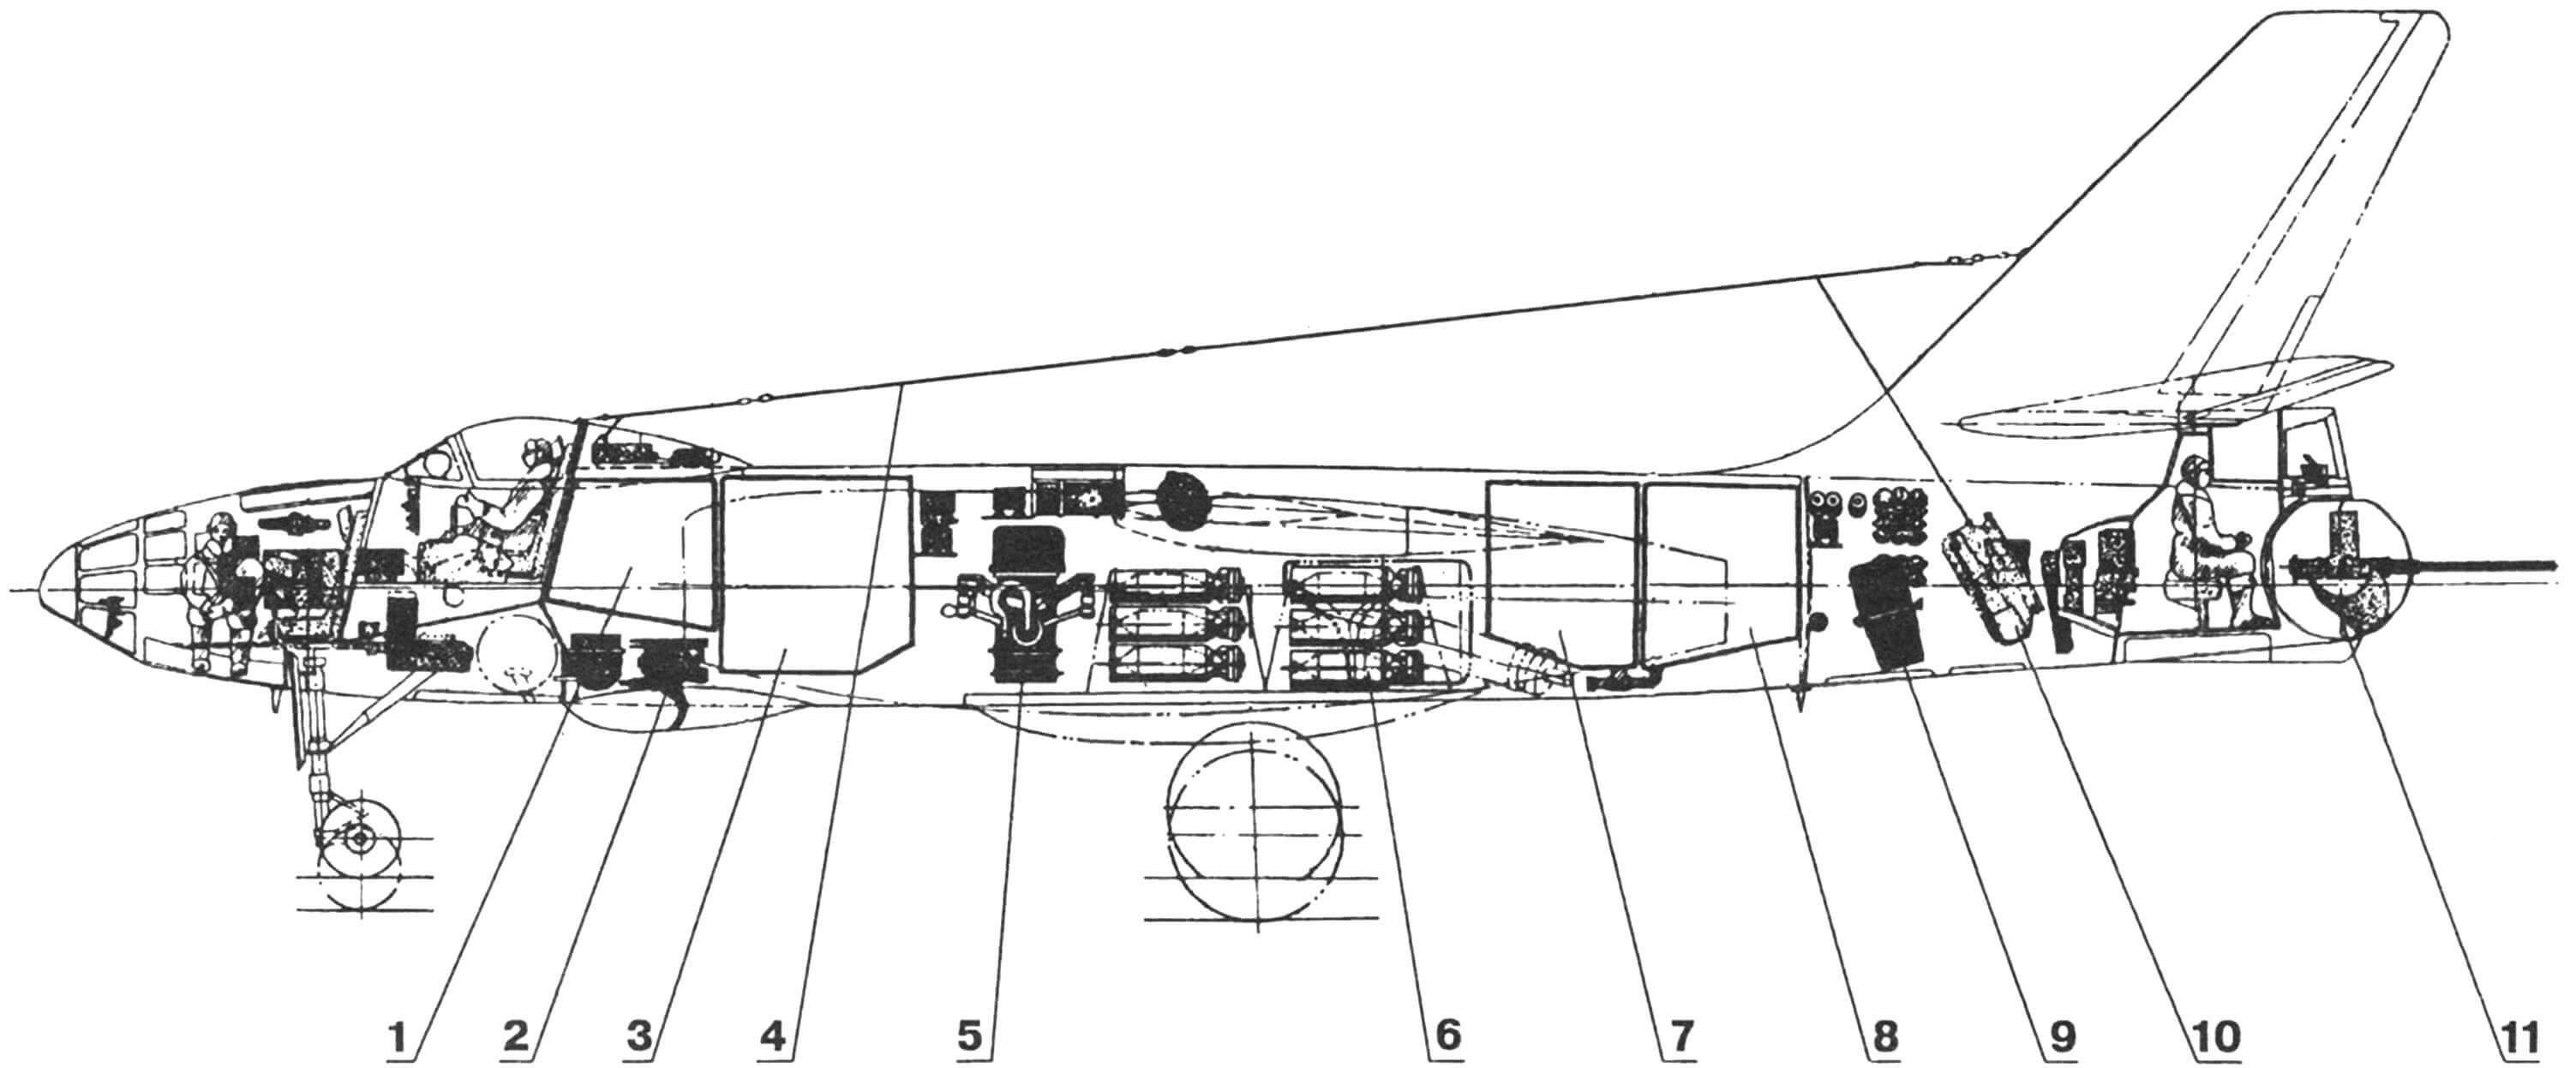 Расположение основного оборудования в фюзеляже самолета